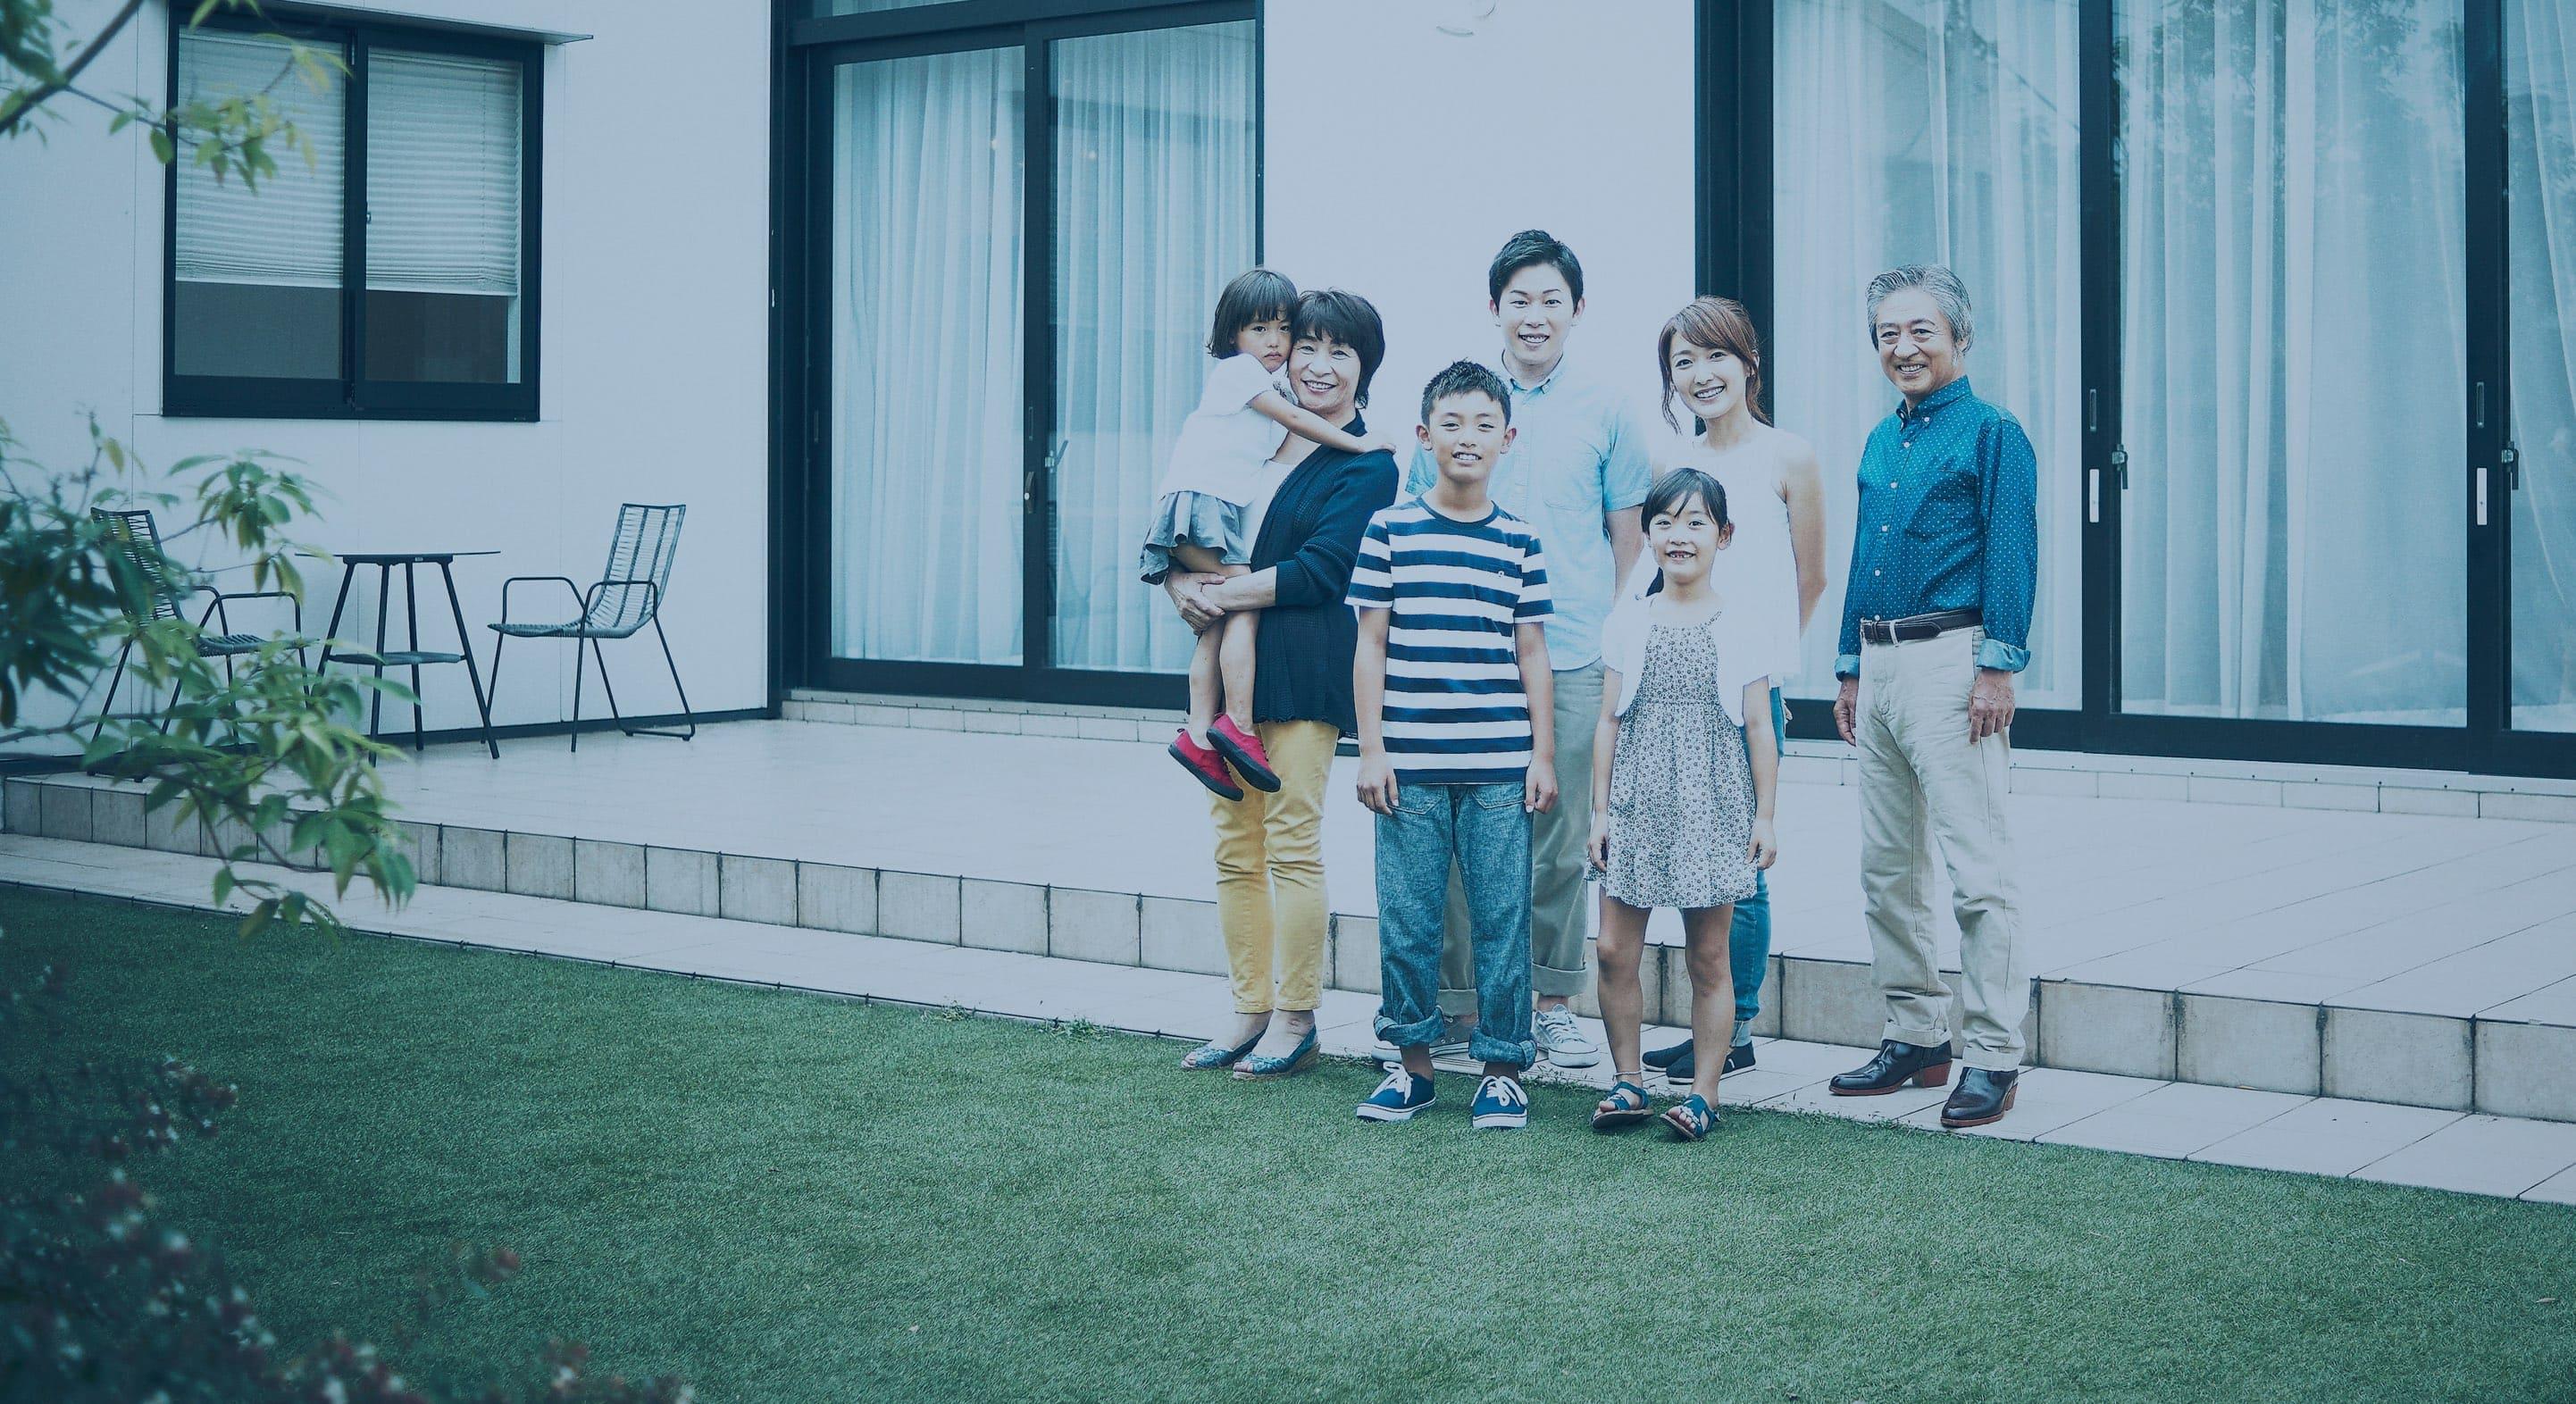 マンション経営なら大阪の株式会社グランド1コーポレーション